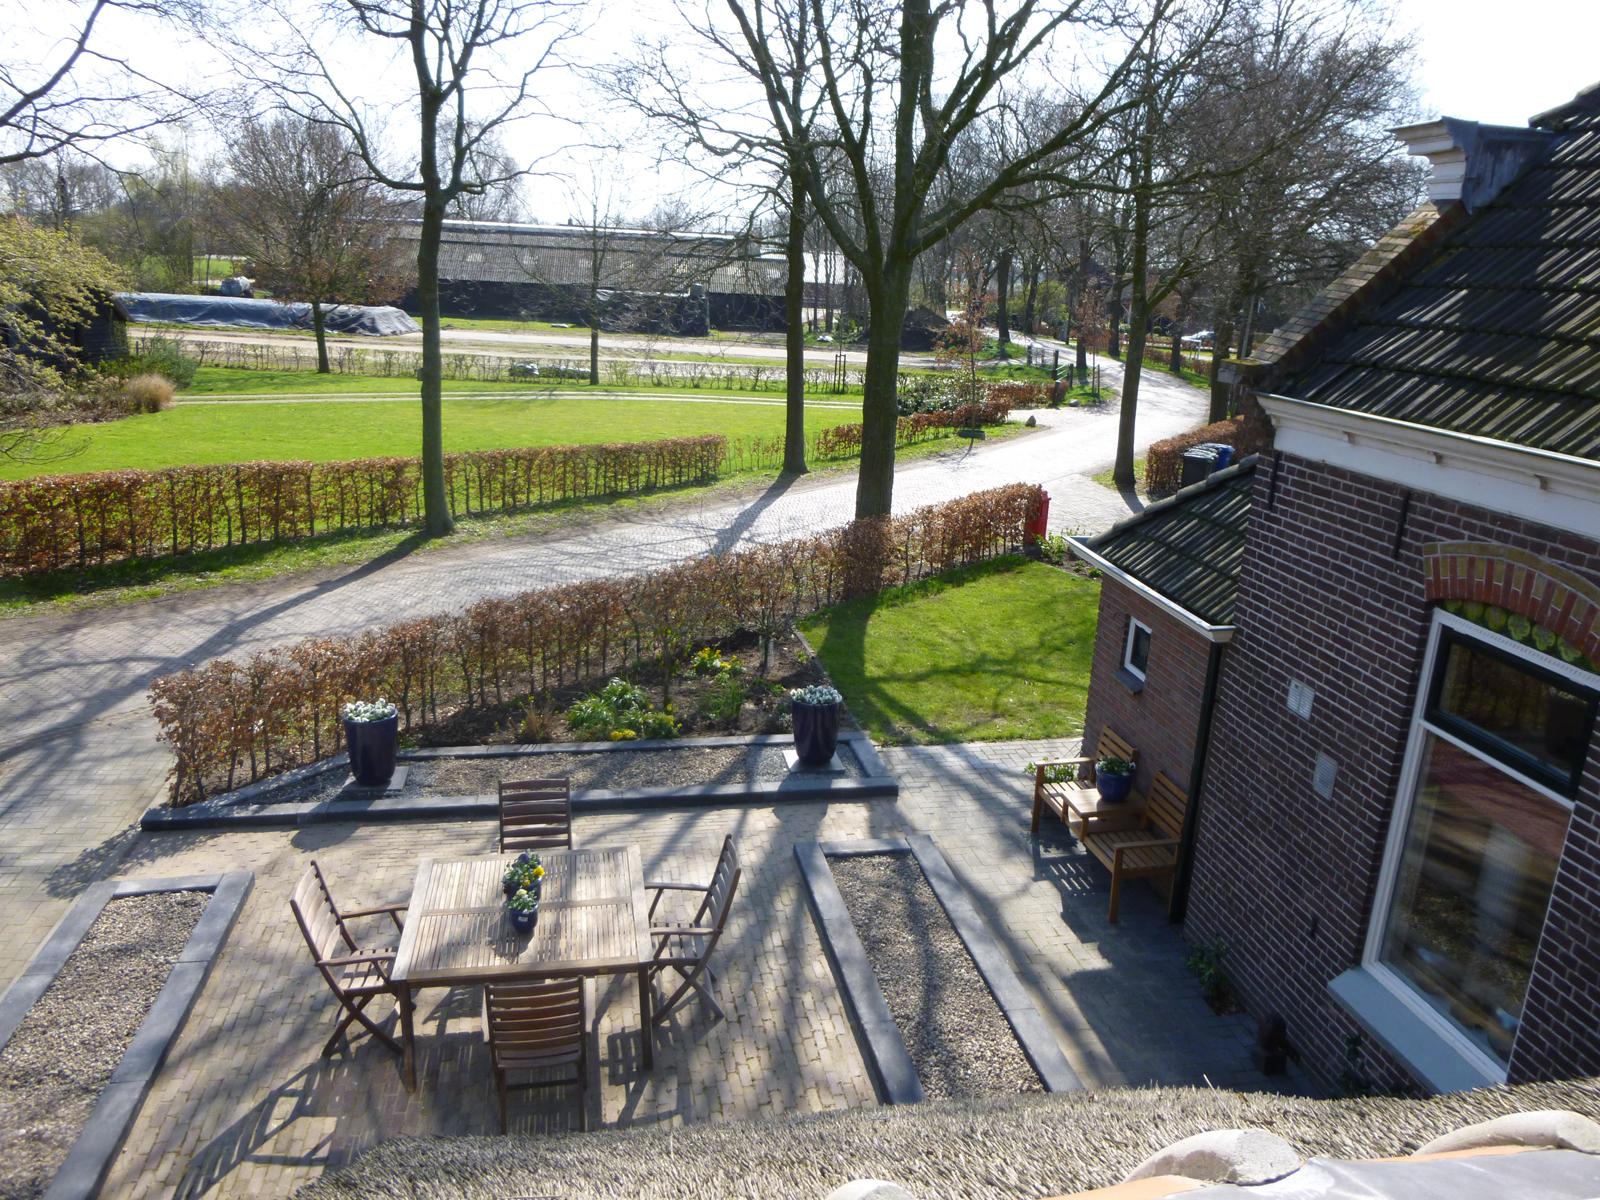 Kamer 1 buiten - Bed and Breakfast Zwolle De Langenlee